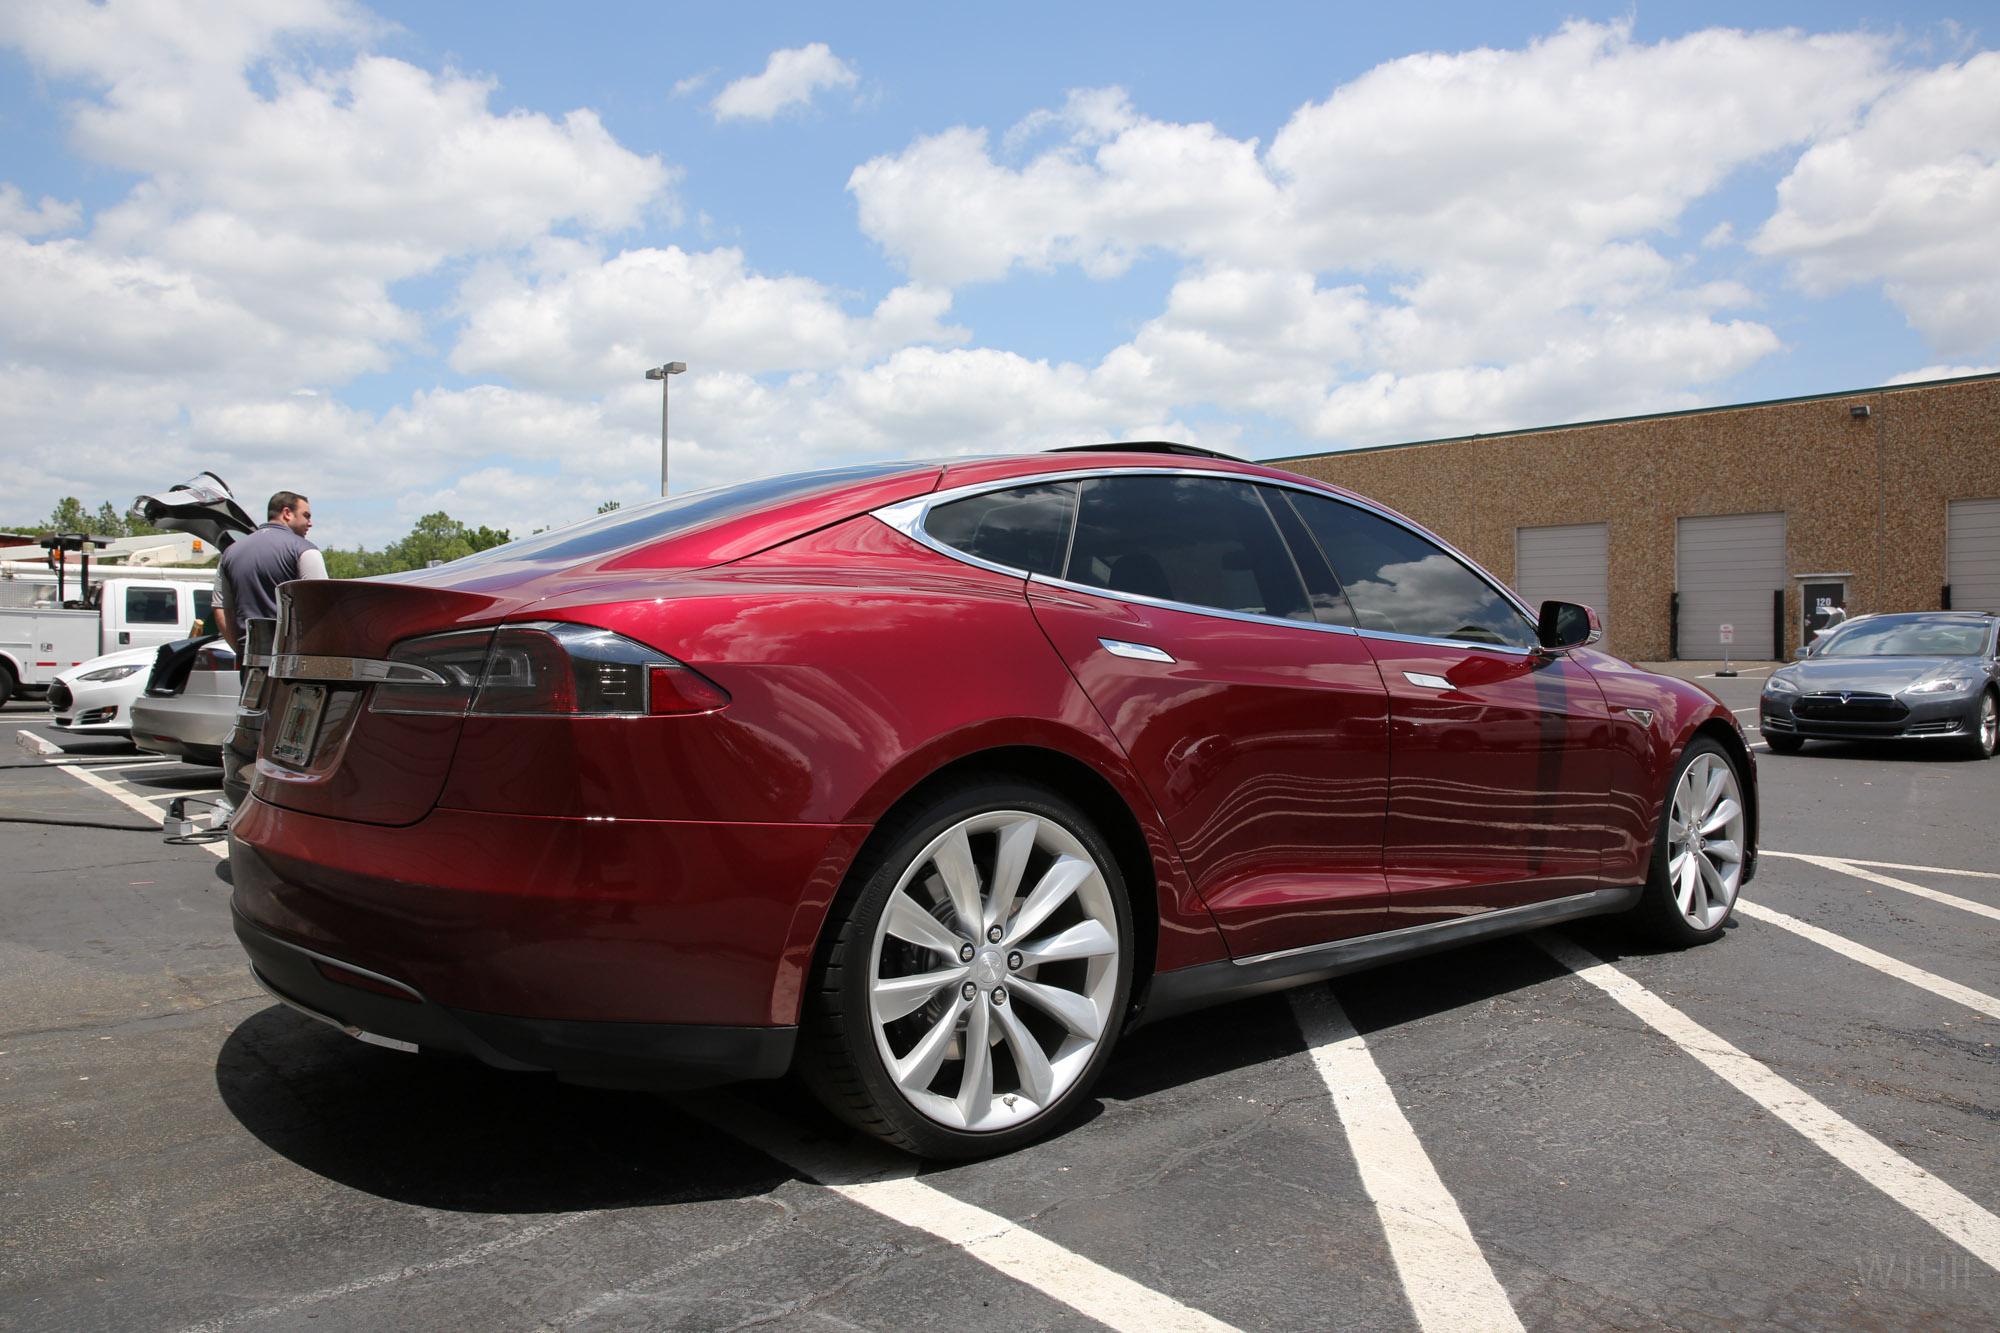 TeslaMotorsClub_Tampa_28APR13_0031.jpg